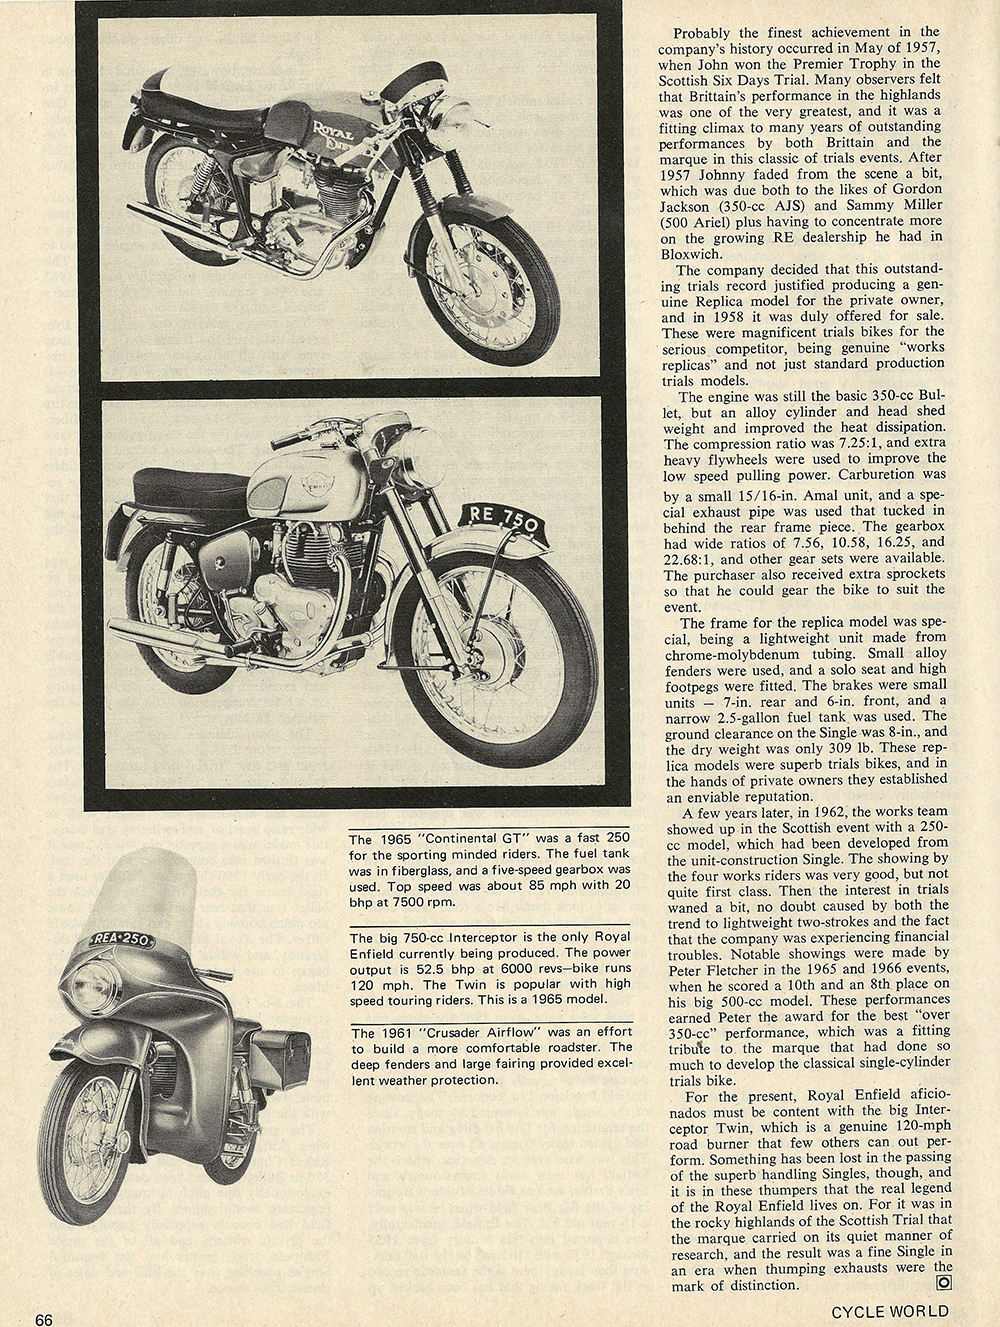 1970 History of Royal Enfield 05.jpg